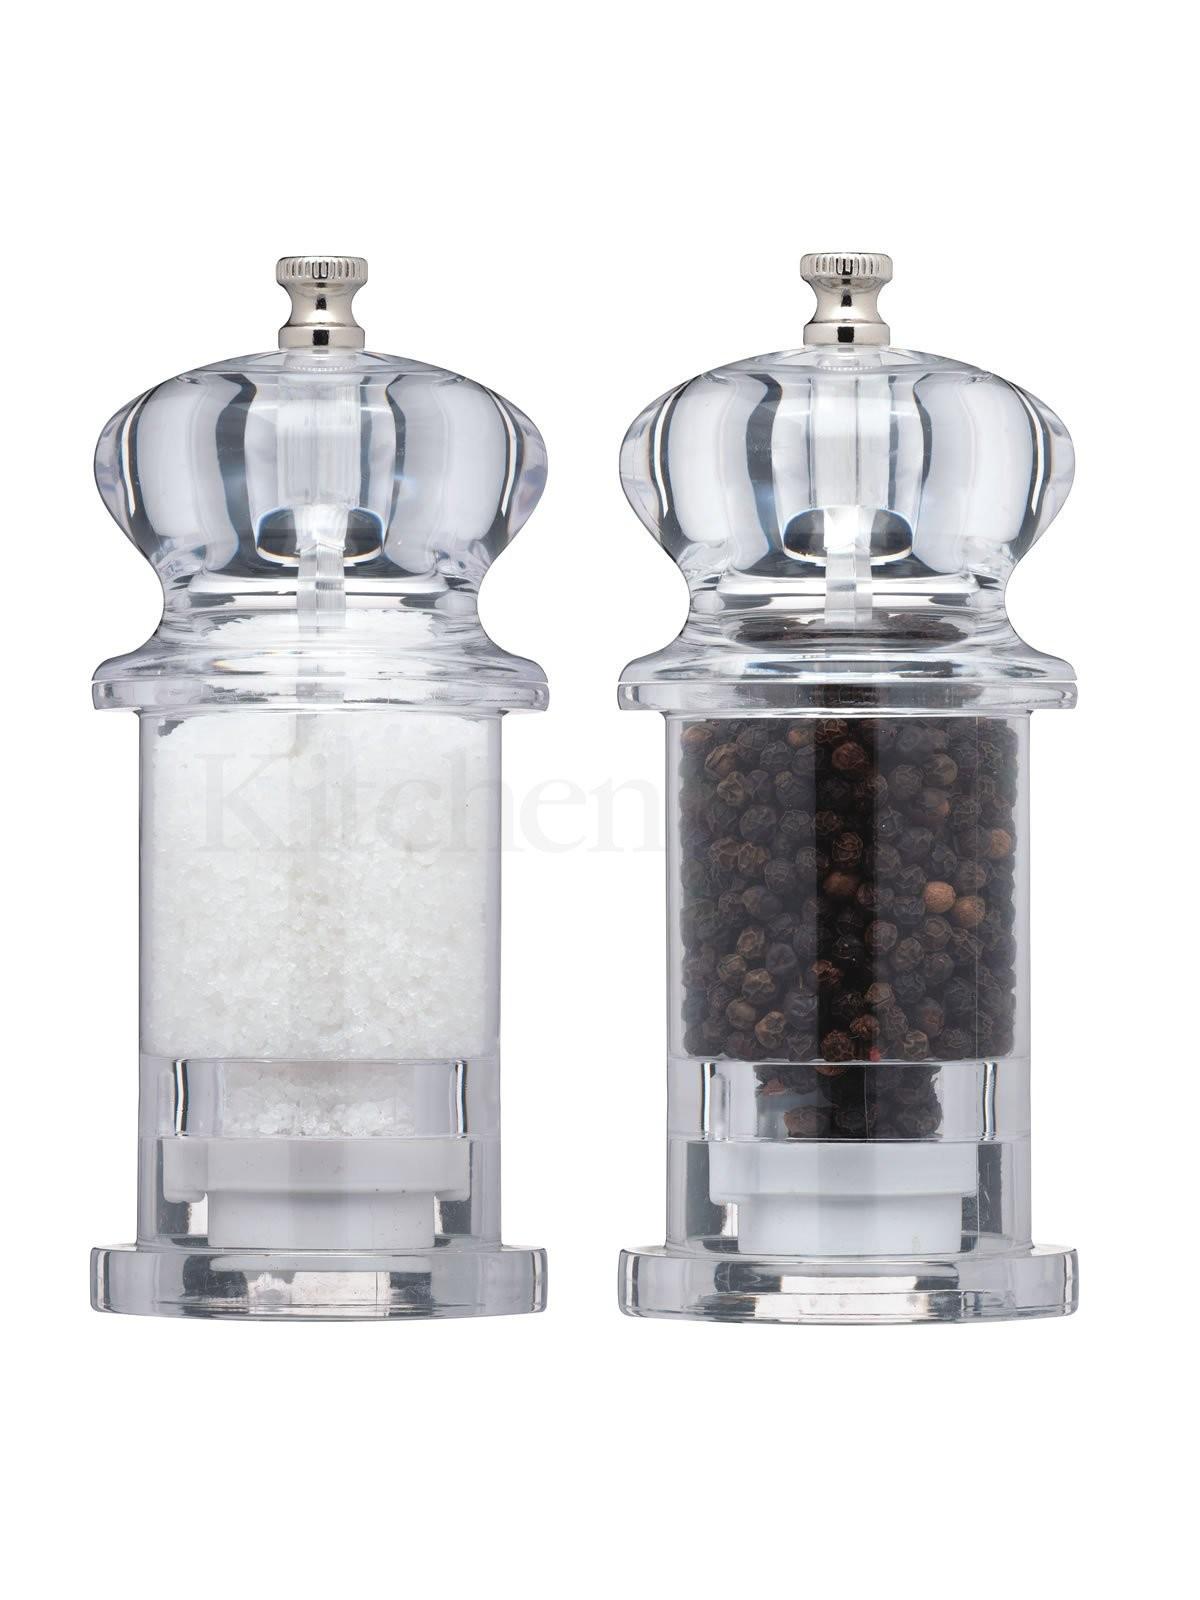 Μύλοι Σετ Αλάτι-Πιπέρι Διάφανοι Ακρυλικοί 13cm Masterclass home   αξεσουαρ κουζινας   μύλοι αλατοπίπερου